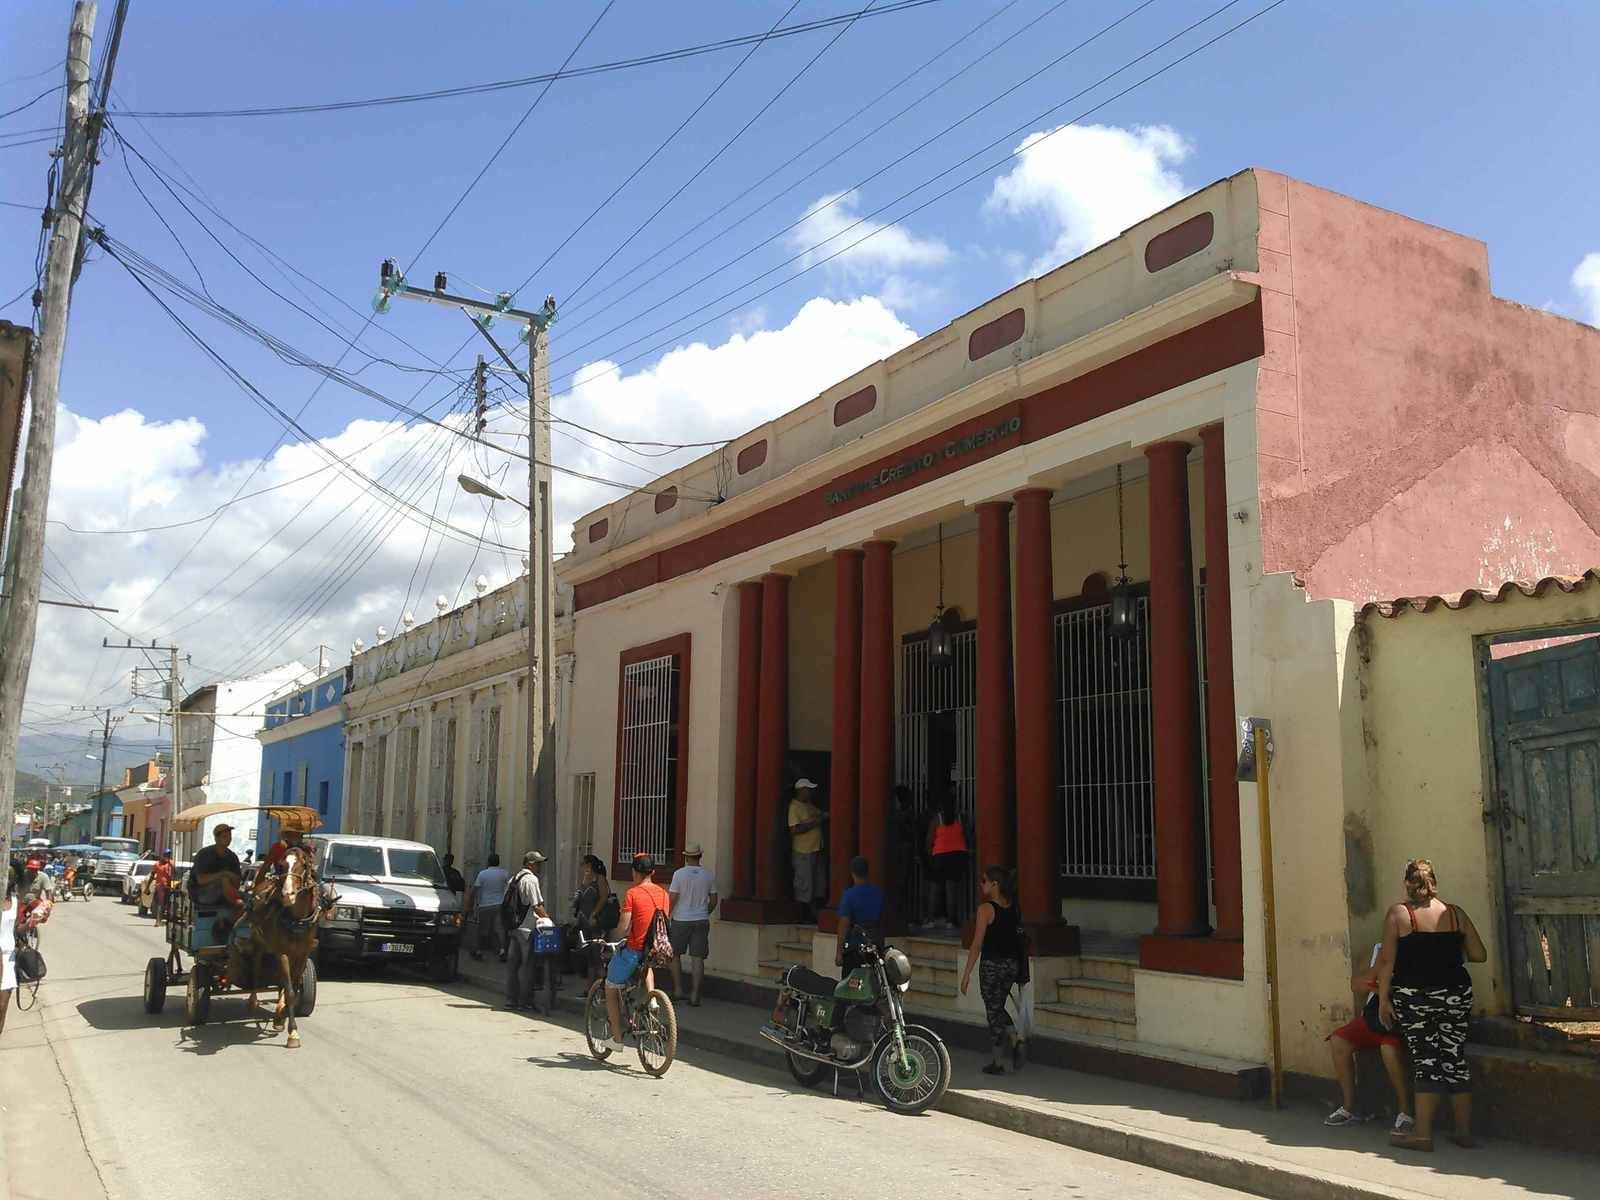 Déja 1 mois à Cuba ! Cap sur Trinidad